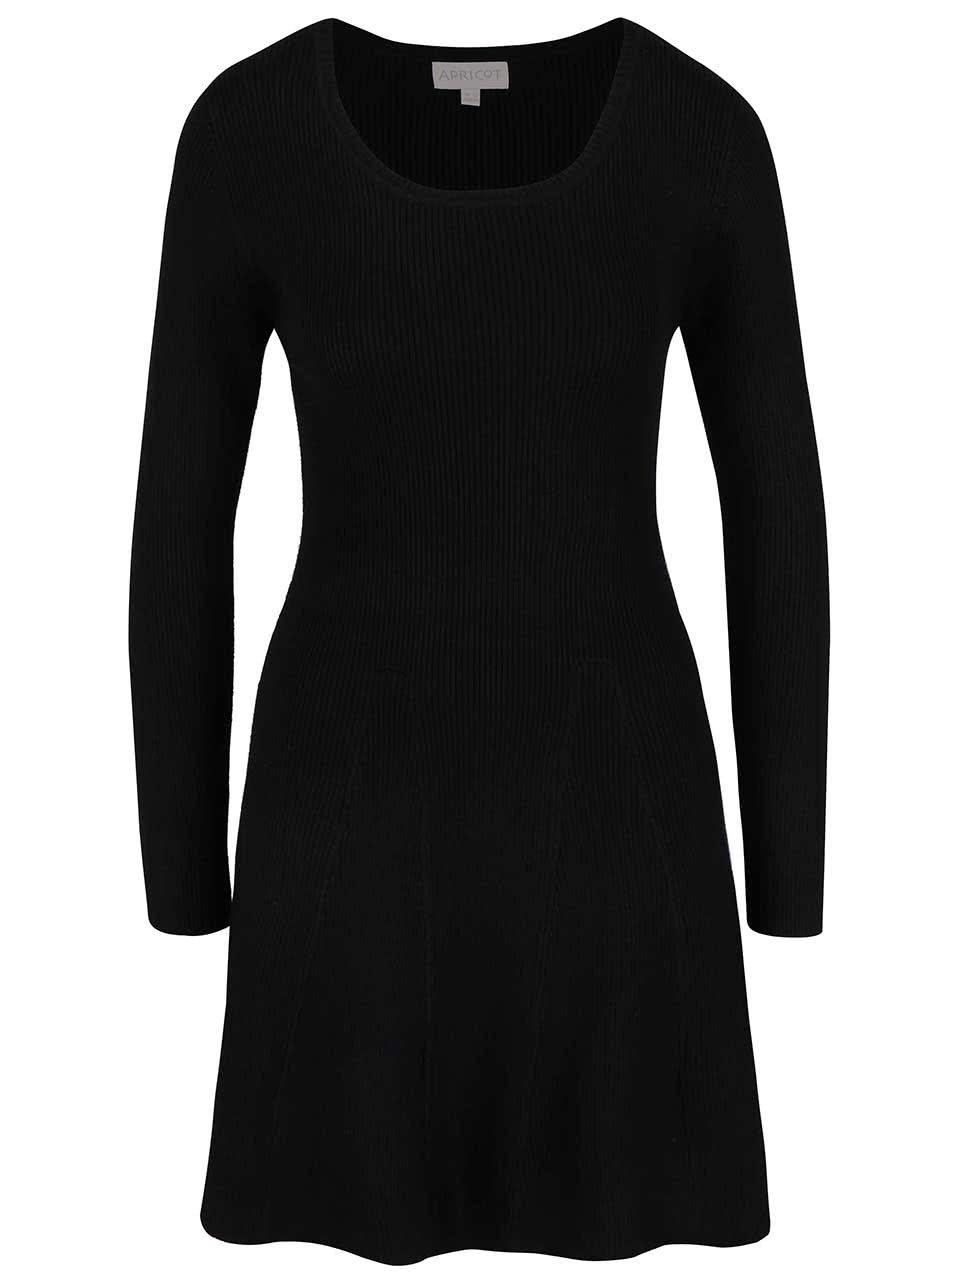 Černé úpletové šaty s dlouhým rukávem Apricot